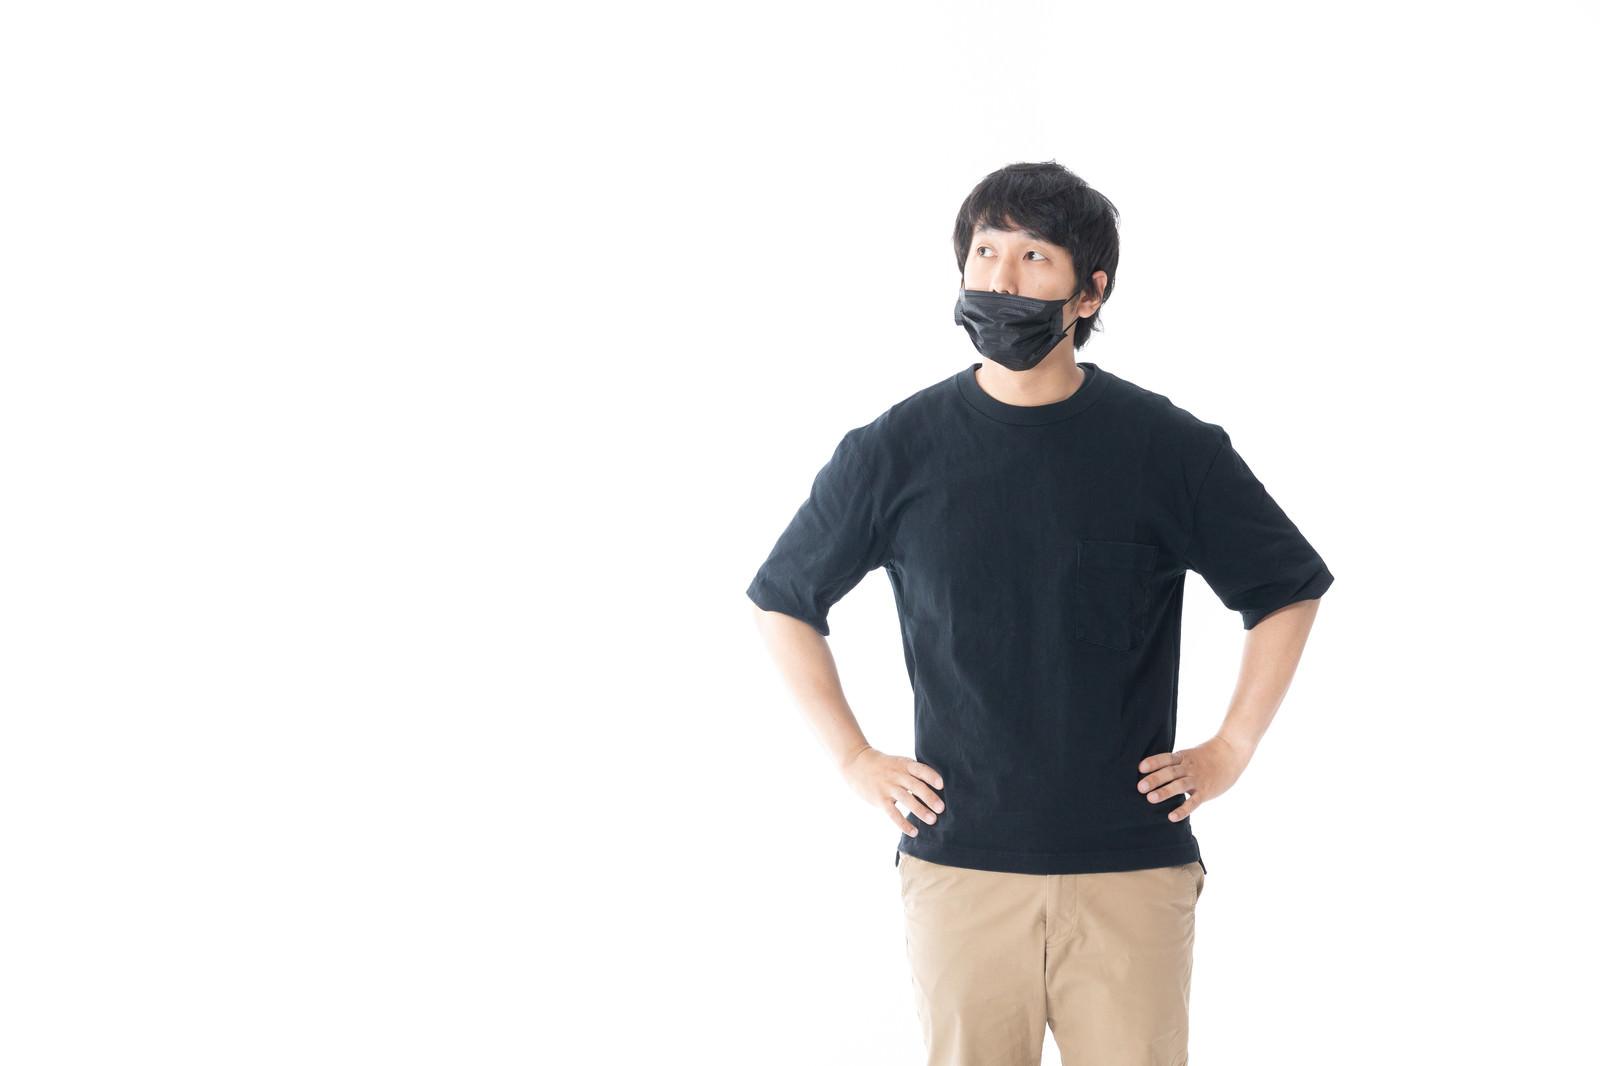 「マスクで顔を隠す男性」の写真[モデル:大川竜弥]